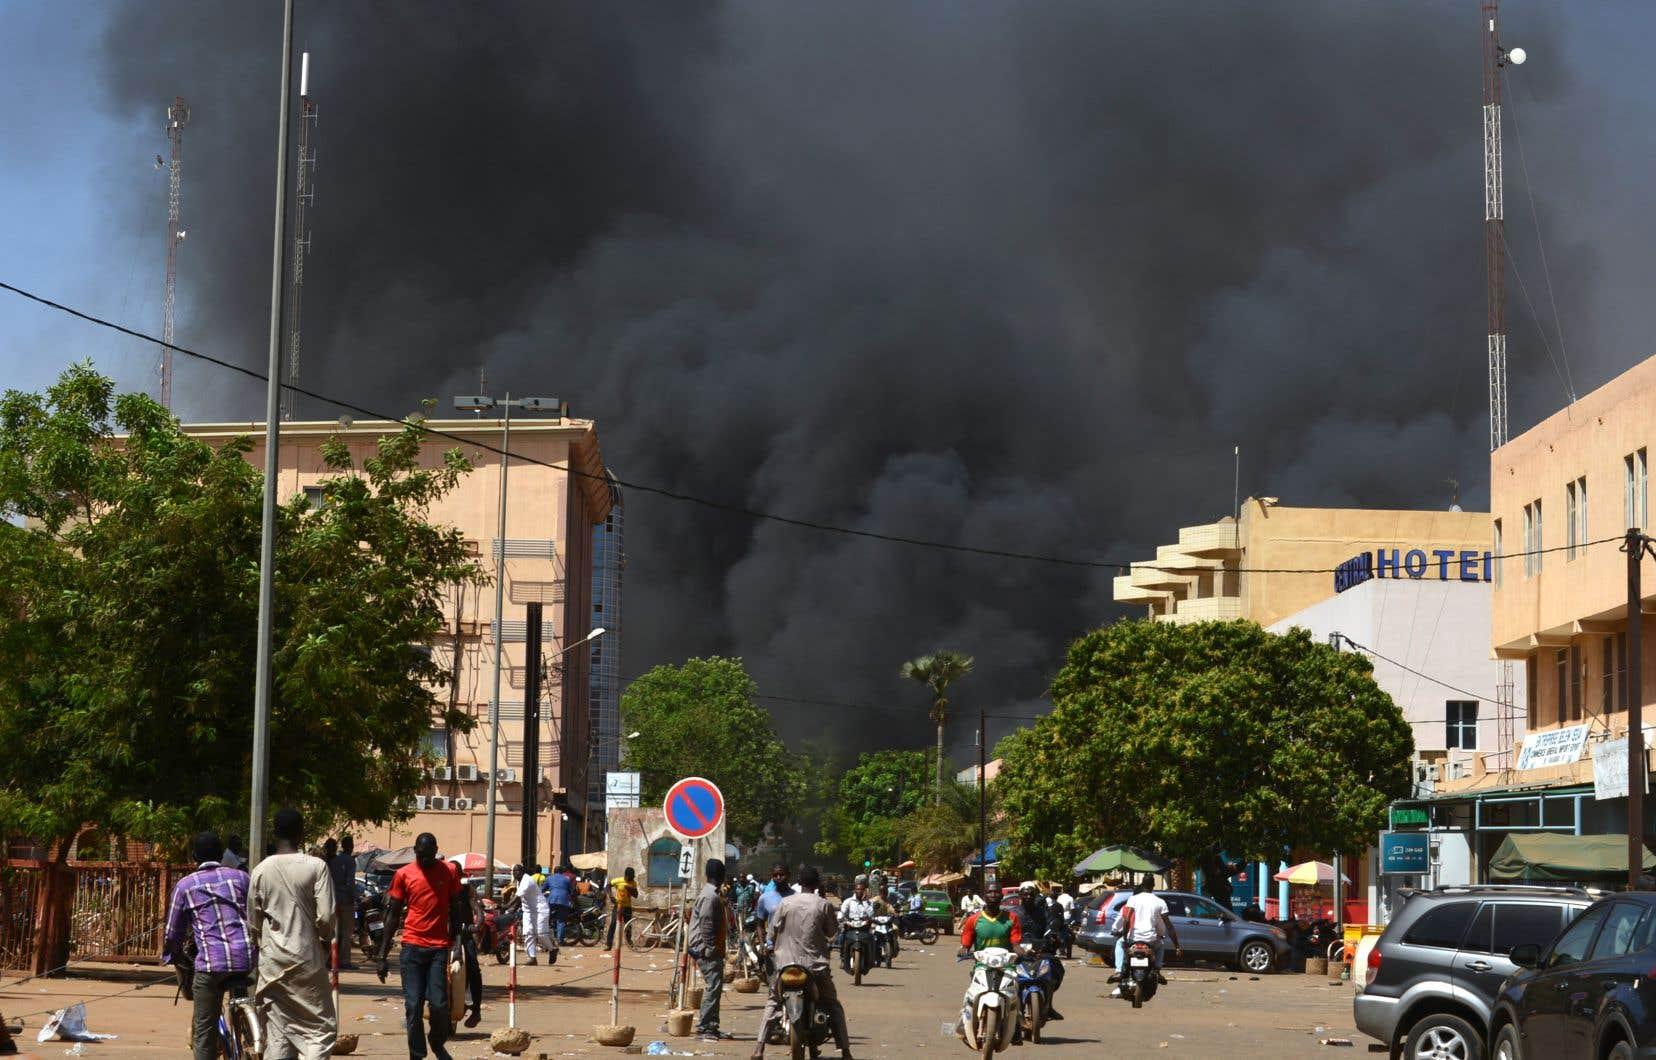 Au total, plus de 80 personnes ont été blessées dans les attaques de Ouagadougou, selon une source sécuritaire proche de l'état-major.